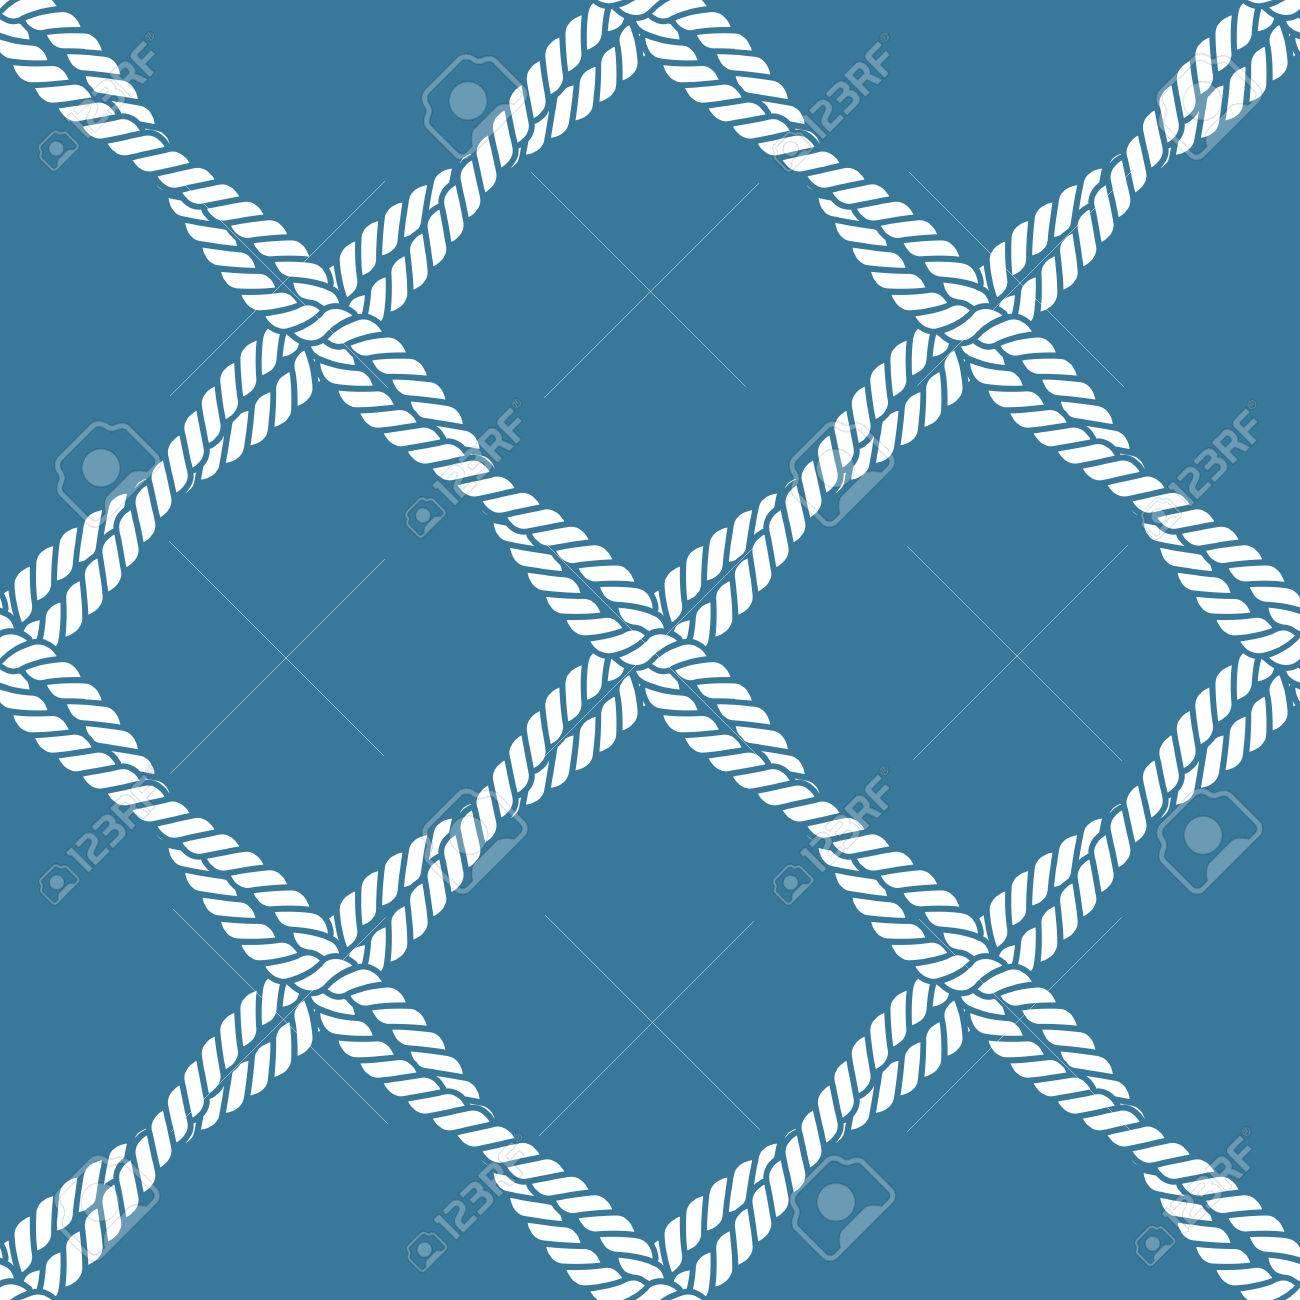 Seamless nautical rope knot pattern - 29426635